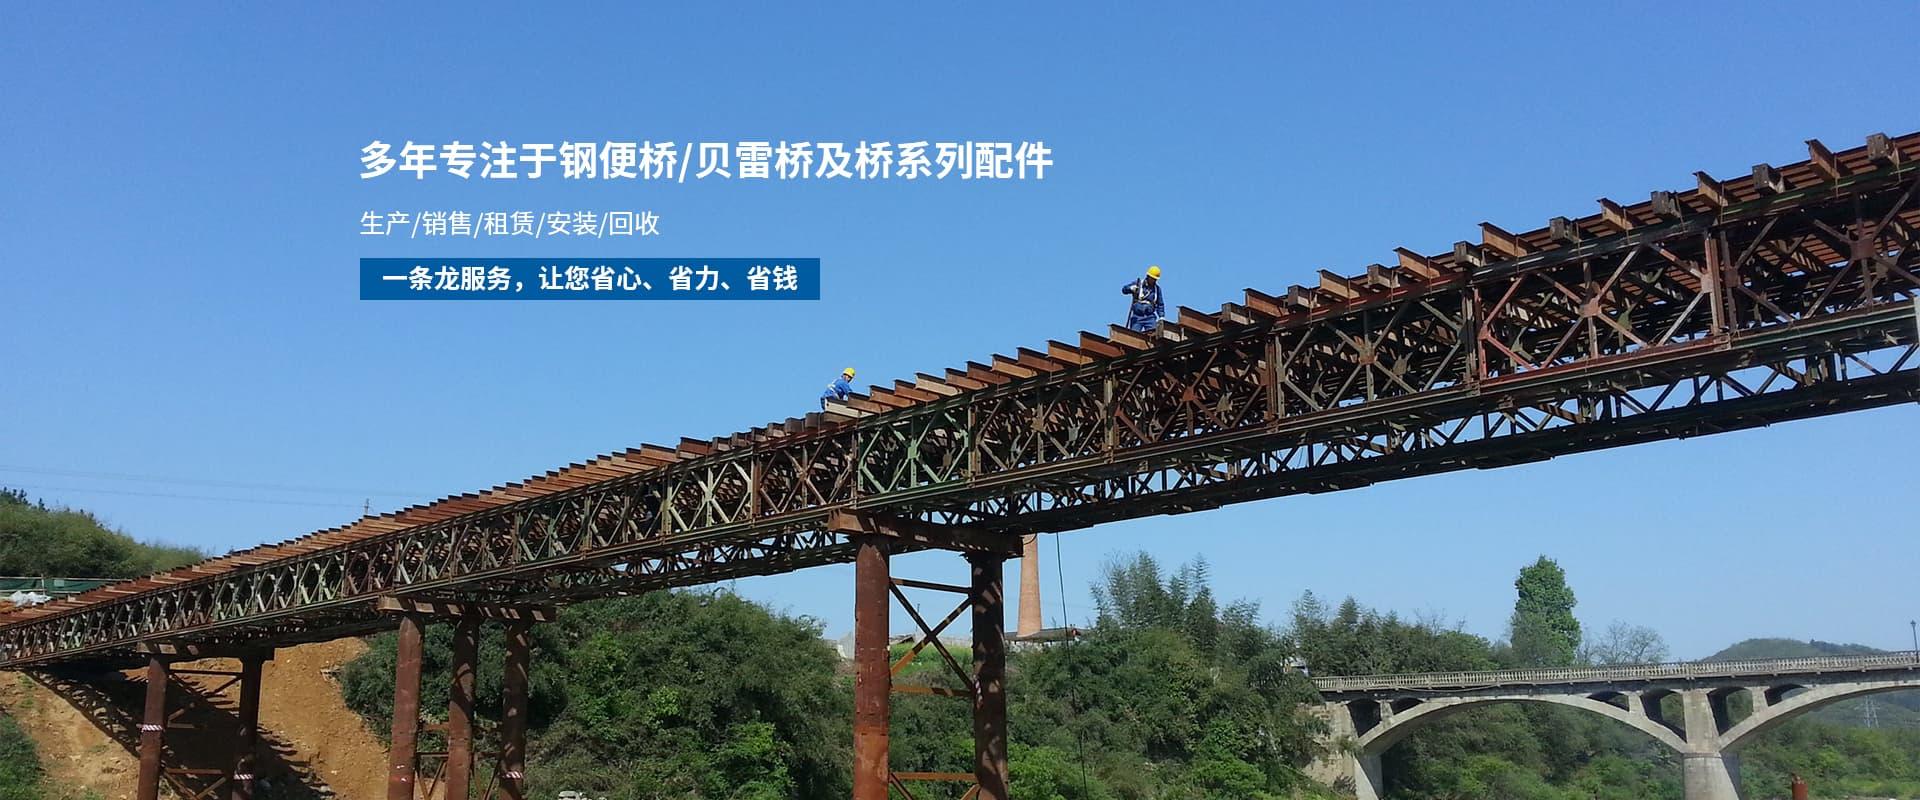 四川钢栈桥